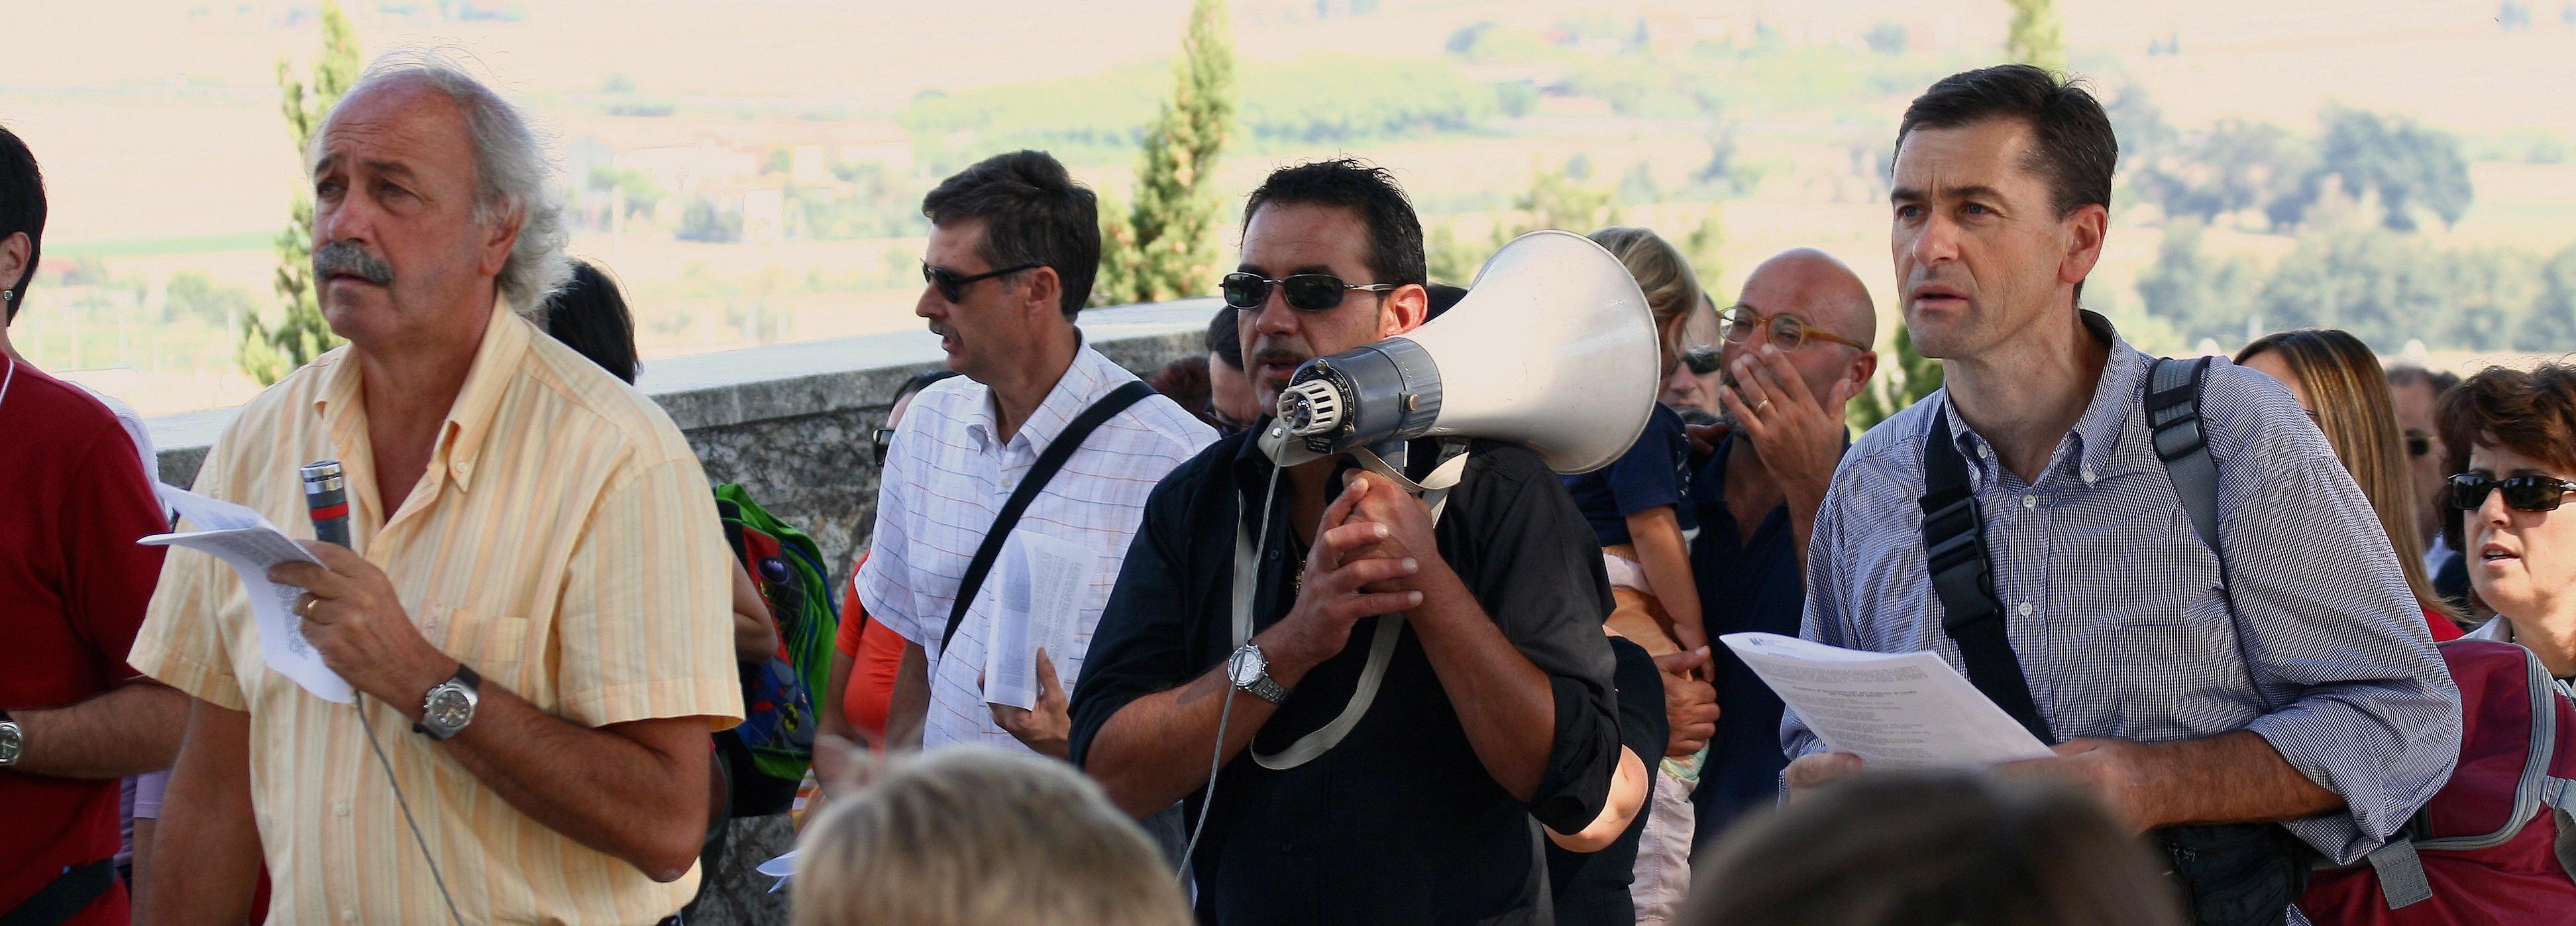 Pellegrinaggio_Loreto_23-09-2007